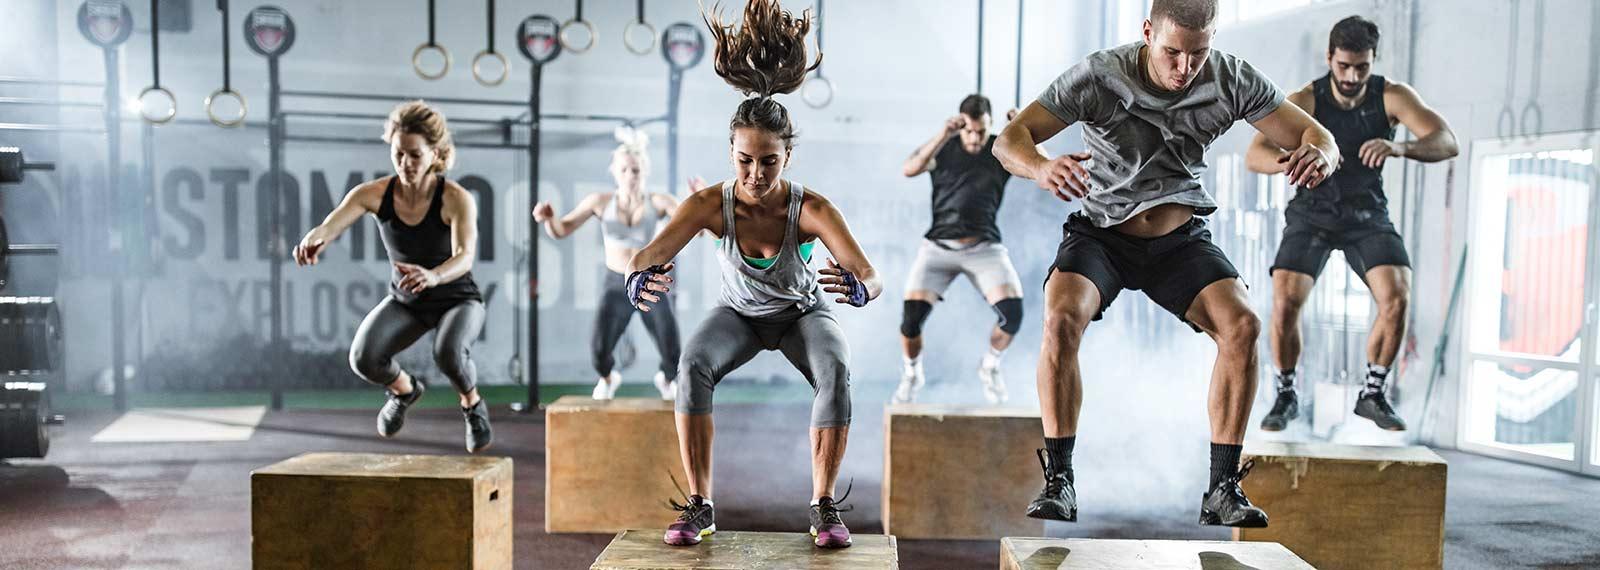 Functional Training als Workout im kraftwerk Gundelfingen